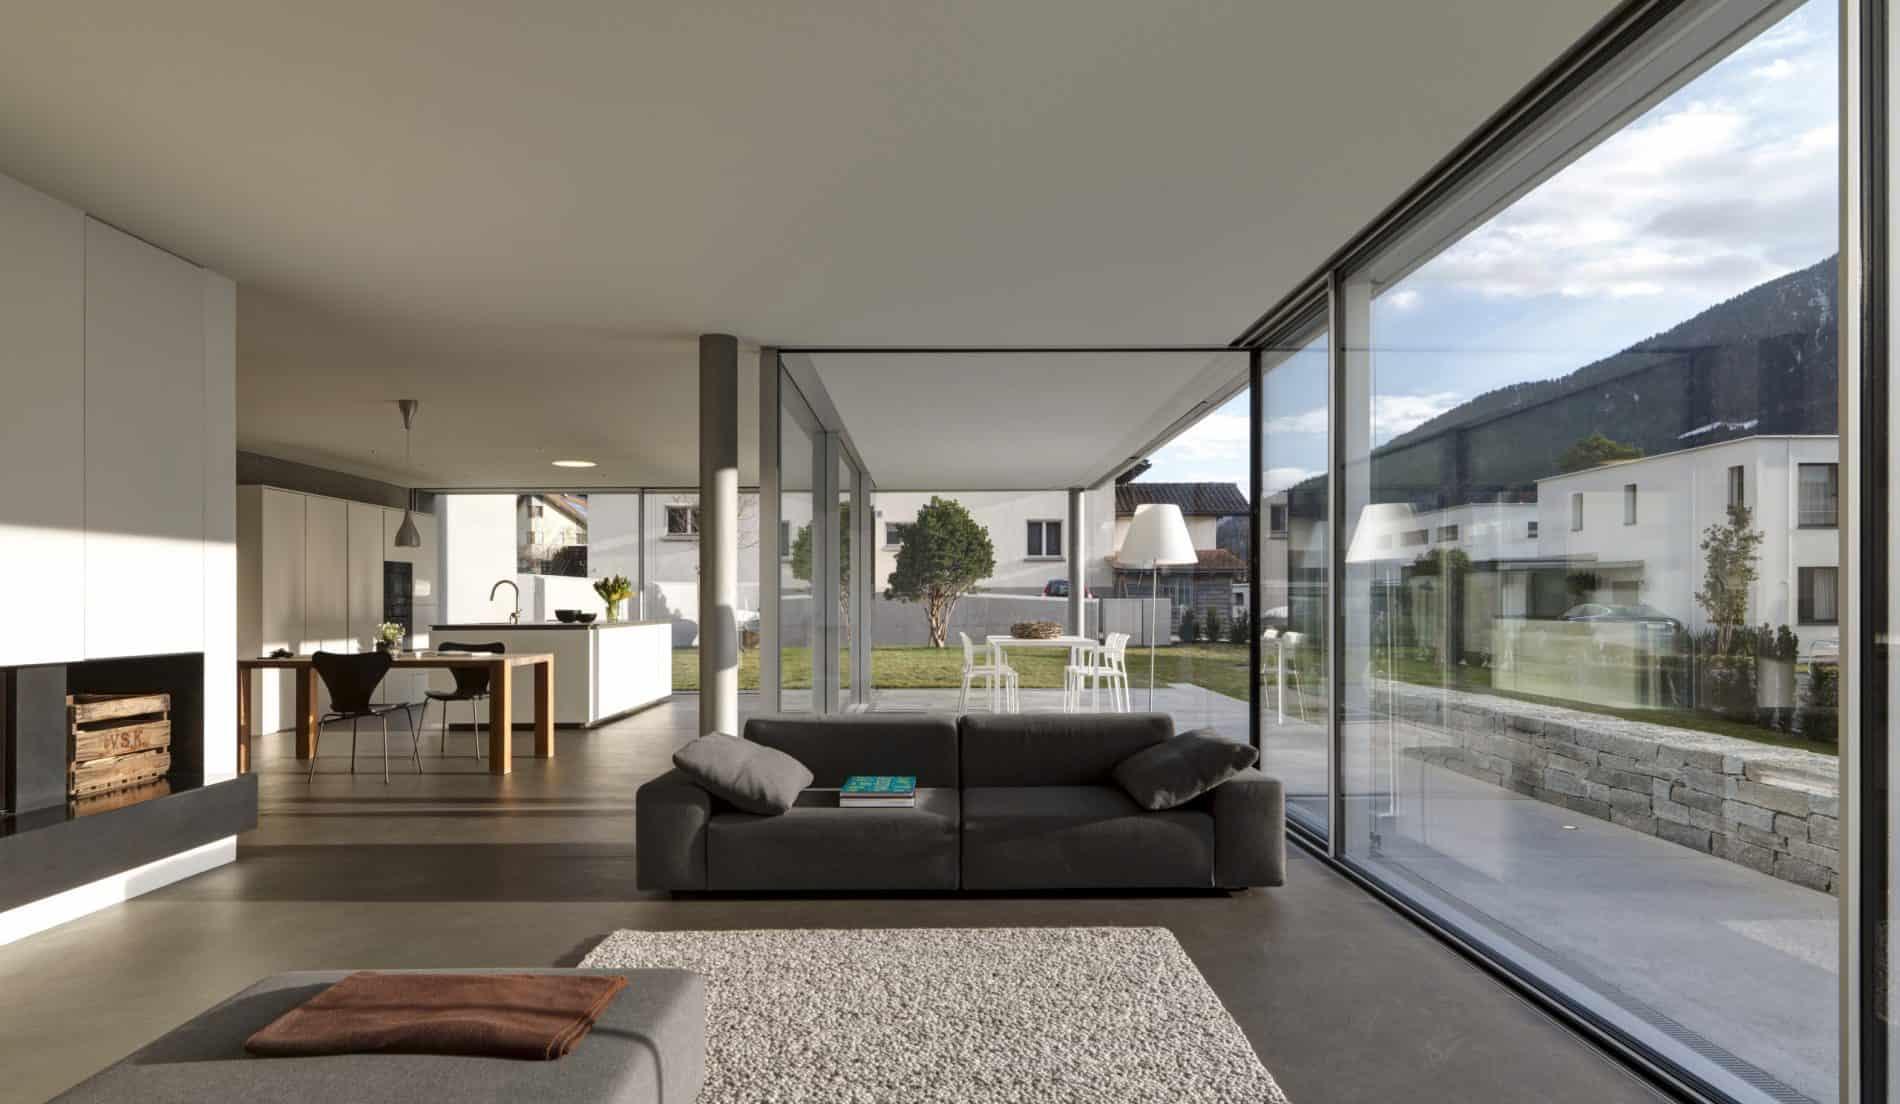 Haus unter dem Birnbaum_High Res_9358+740x430